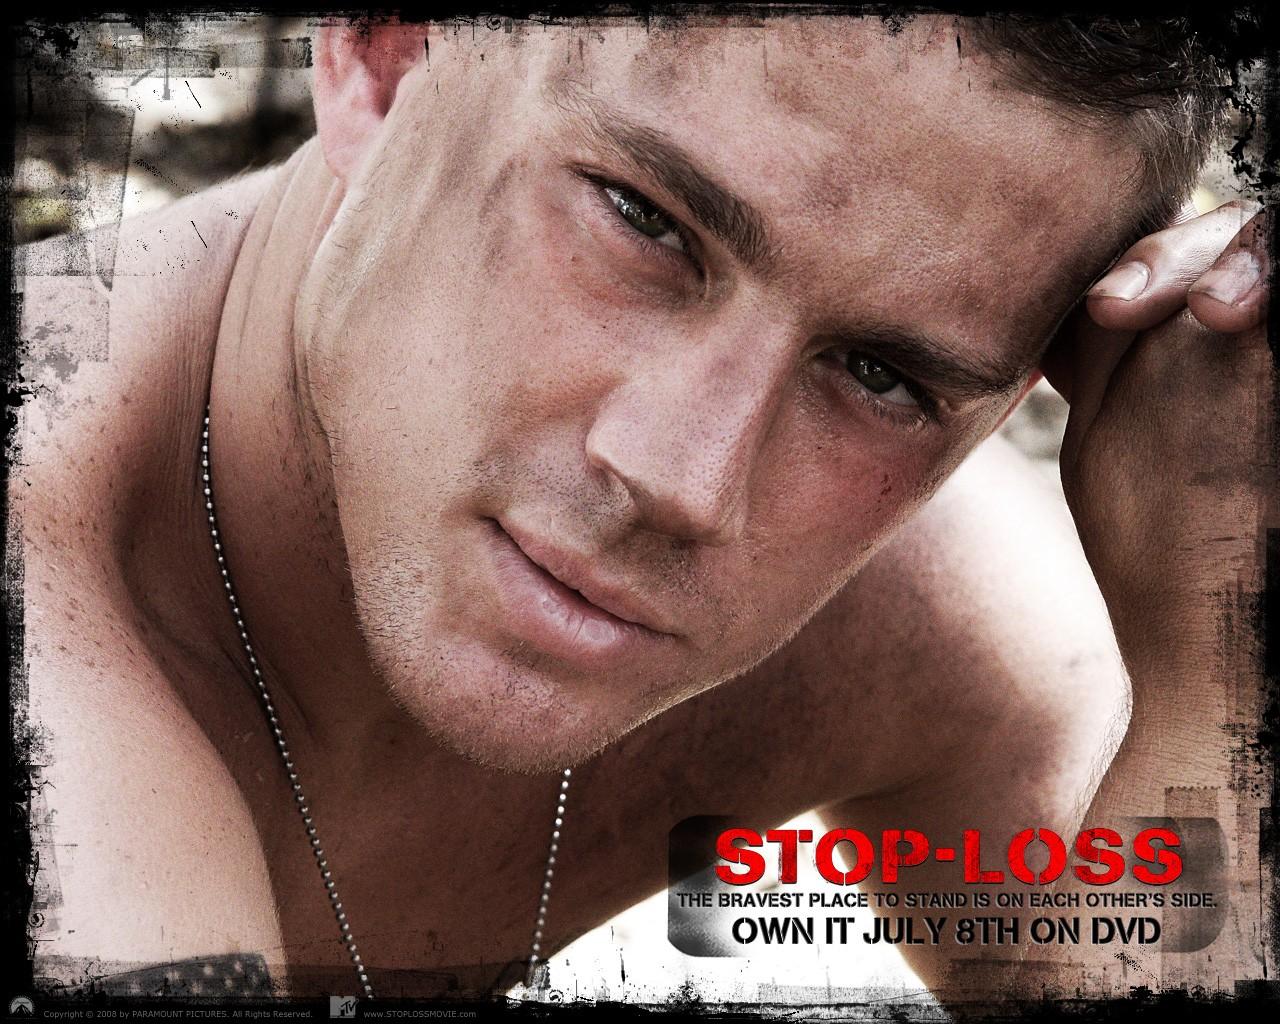 Un wallpaper ufficiale del film Stop Loss, con Channing Tatum